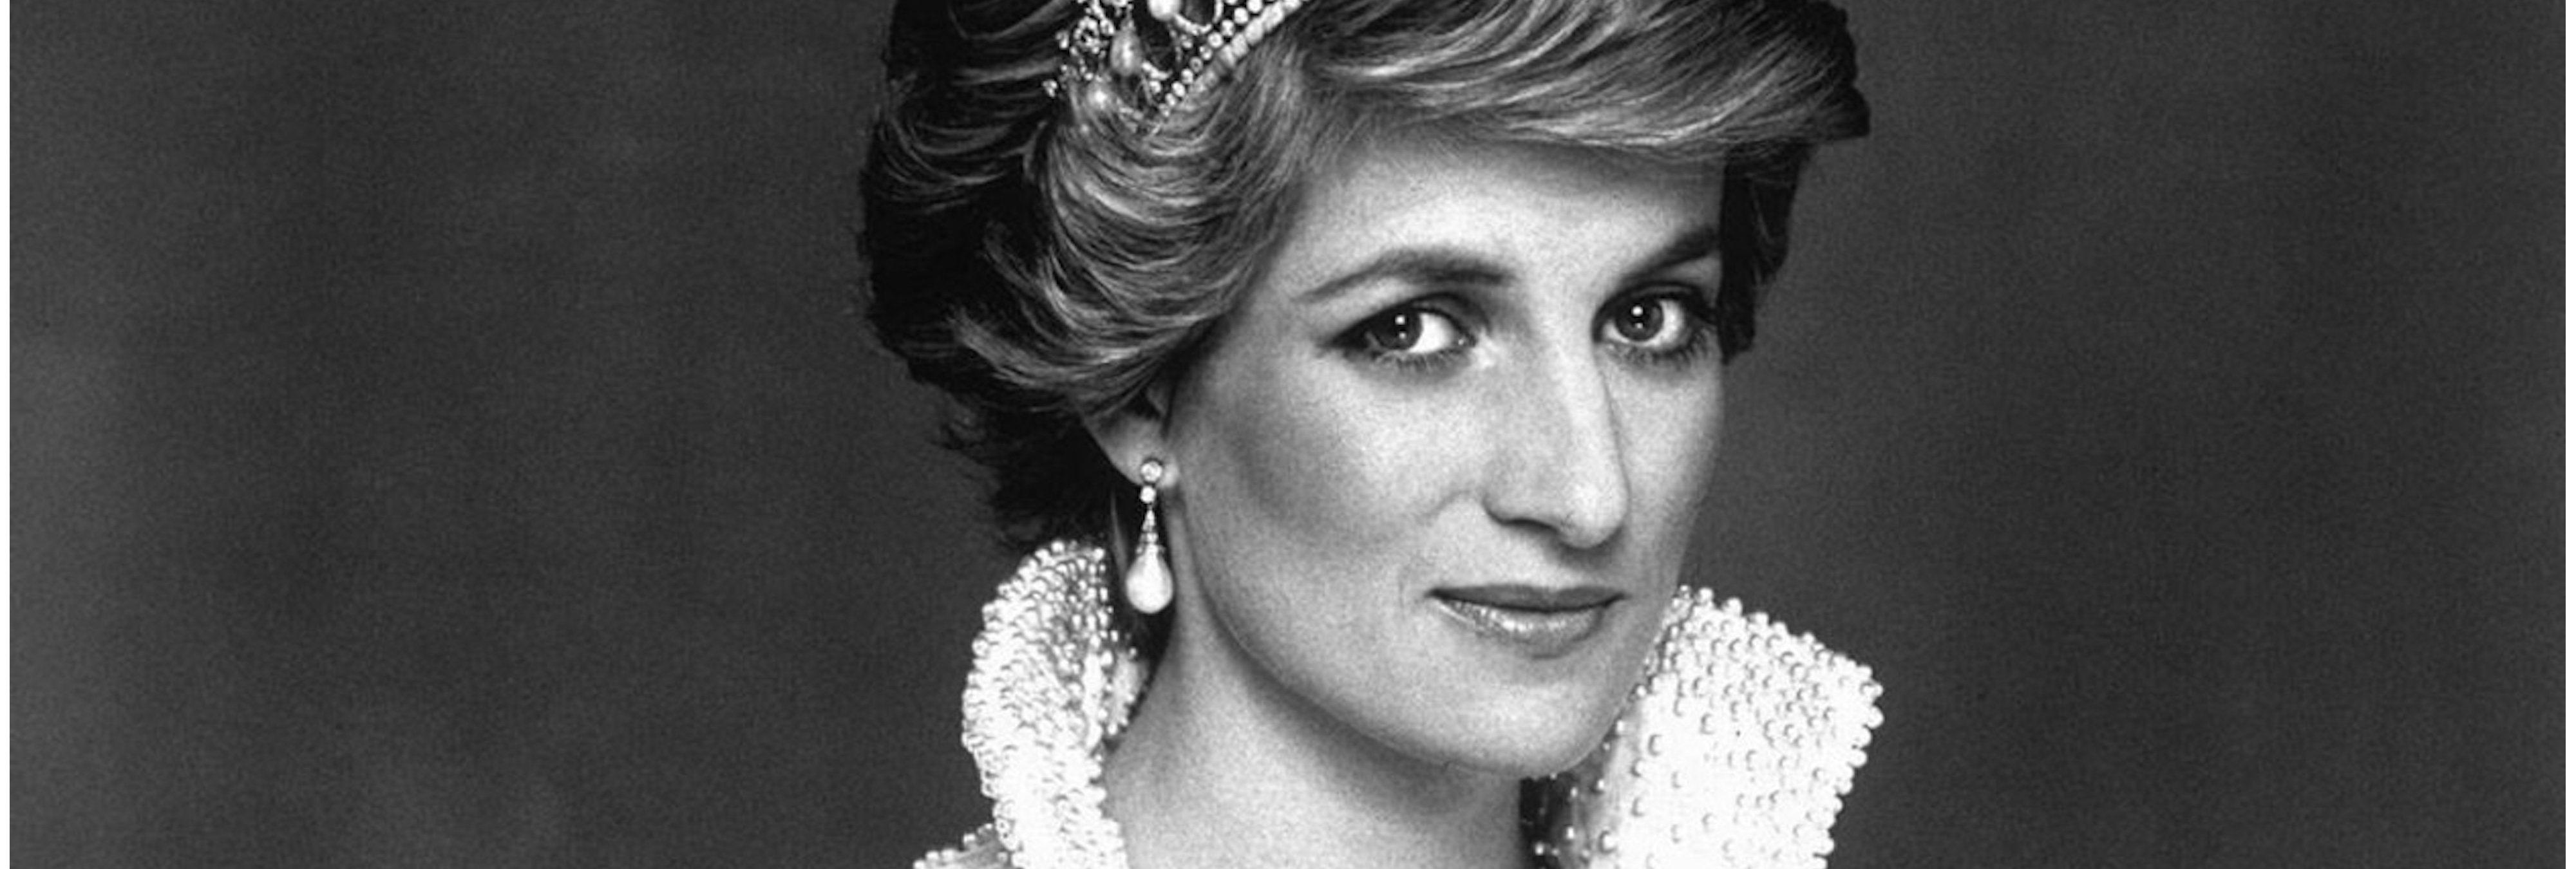 El forense revela nuevas y sorprendentes pistas  acerca de la muerte de Lady Di